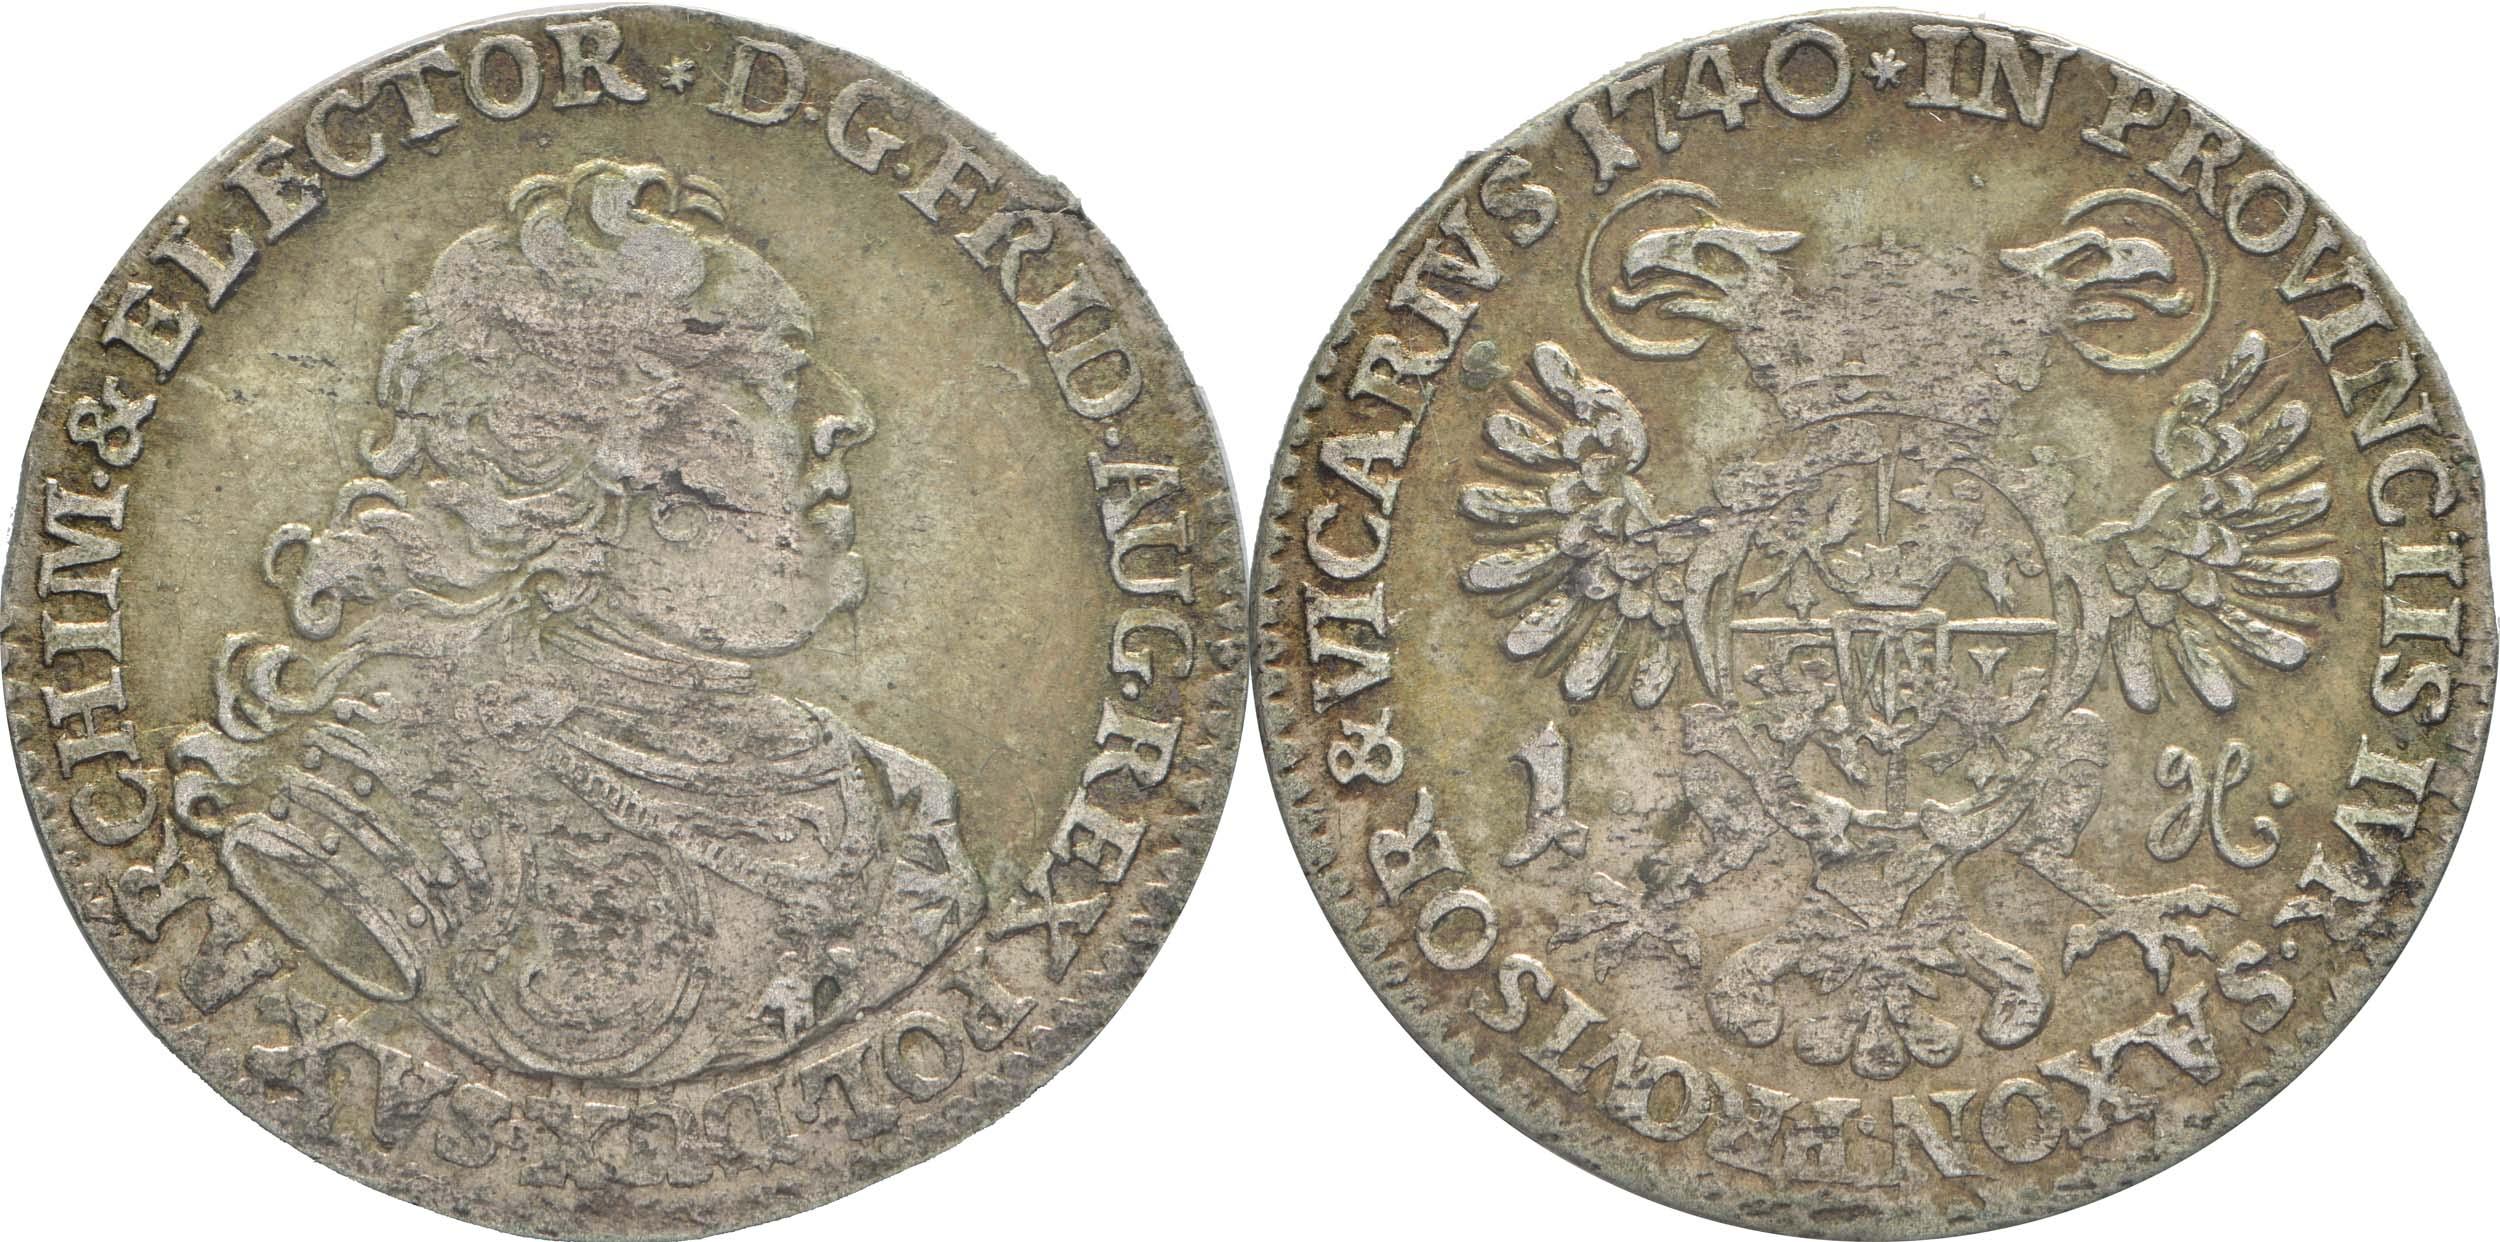 Deutschland : 1 Groschen a.d. Vicariat patina 1740 vz.